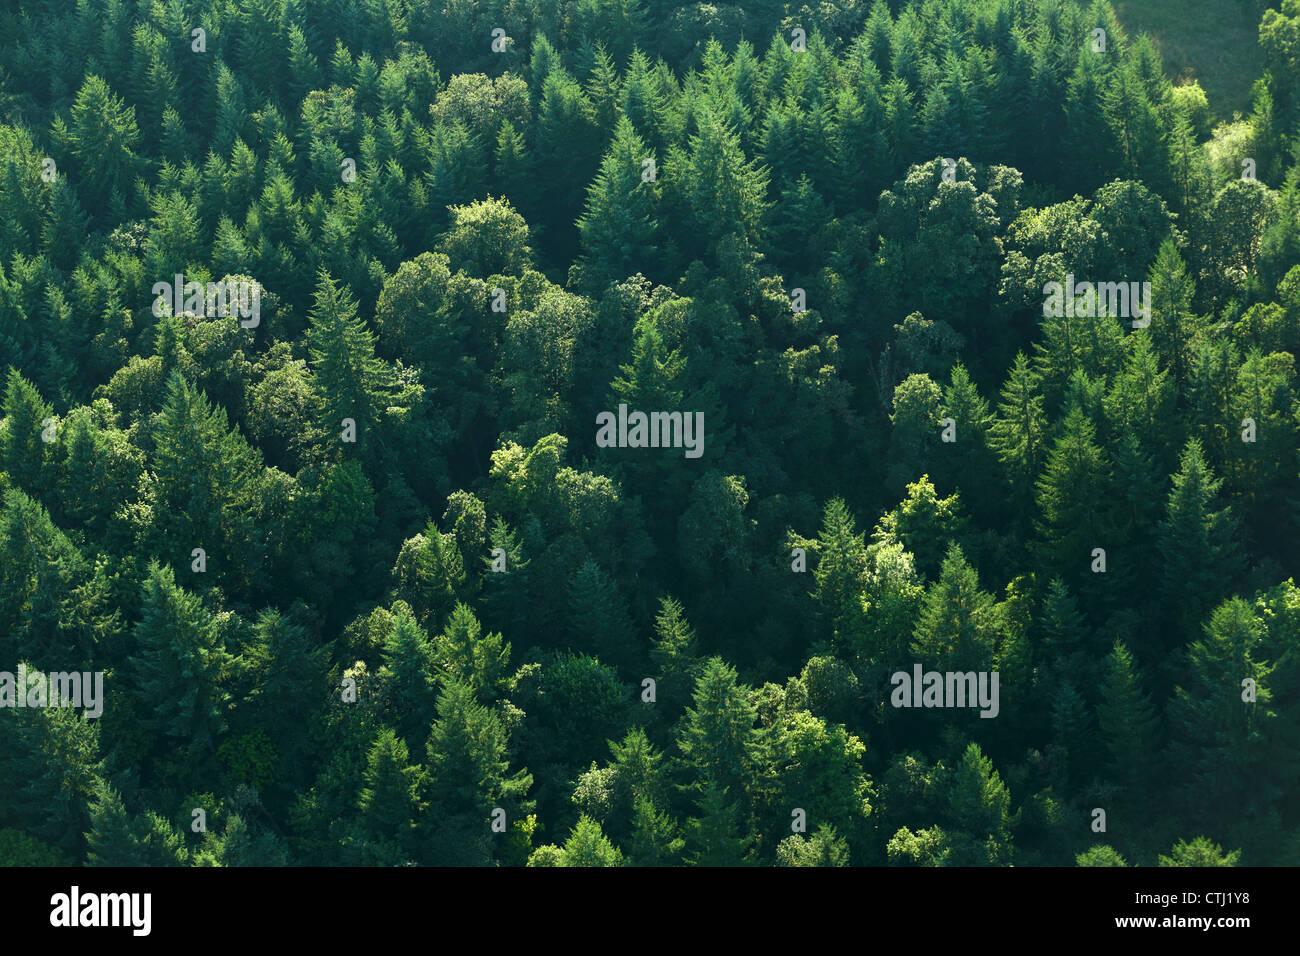 Luftaufnahme von Bäumen im Wald Stockbild